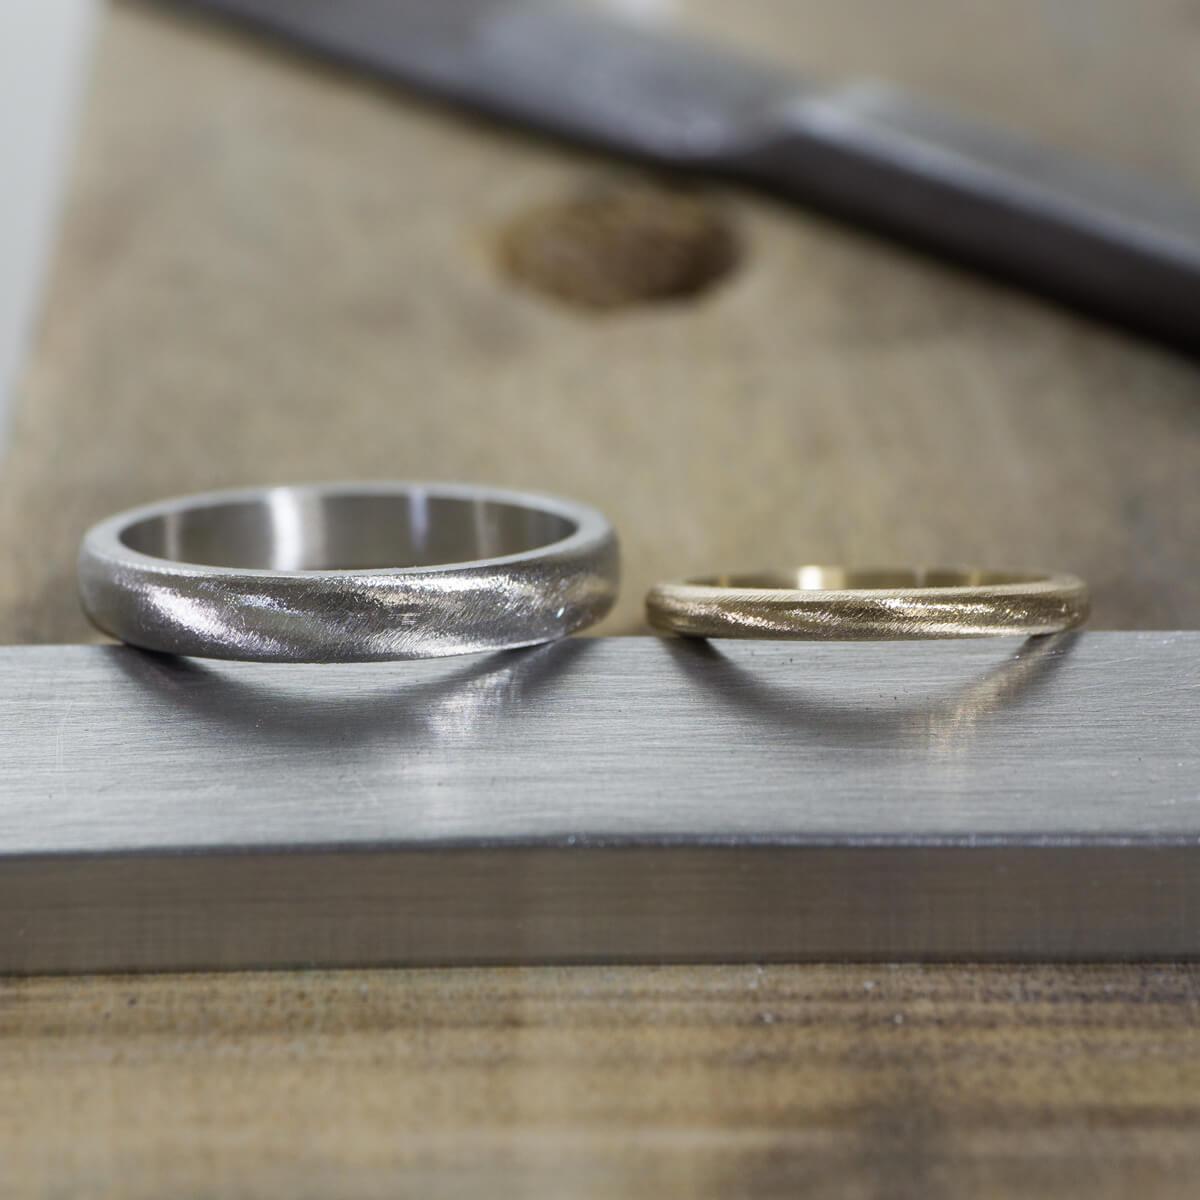 場面3 オーダーメイド結婚指輪の制作風景 ジュエリーのアトリエに指輪 ゴールド、プラチナ 屋久島でつくる結婚指輪